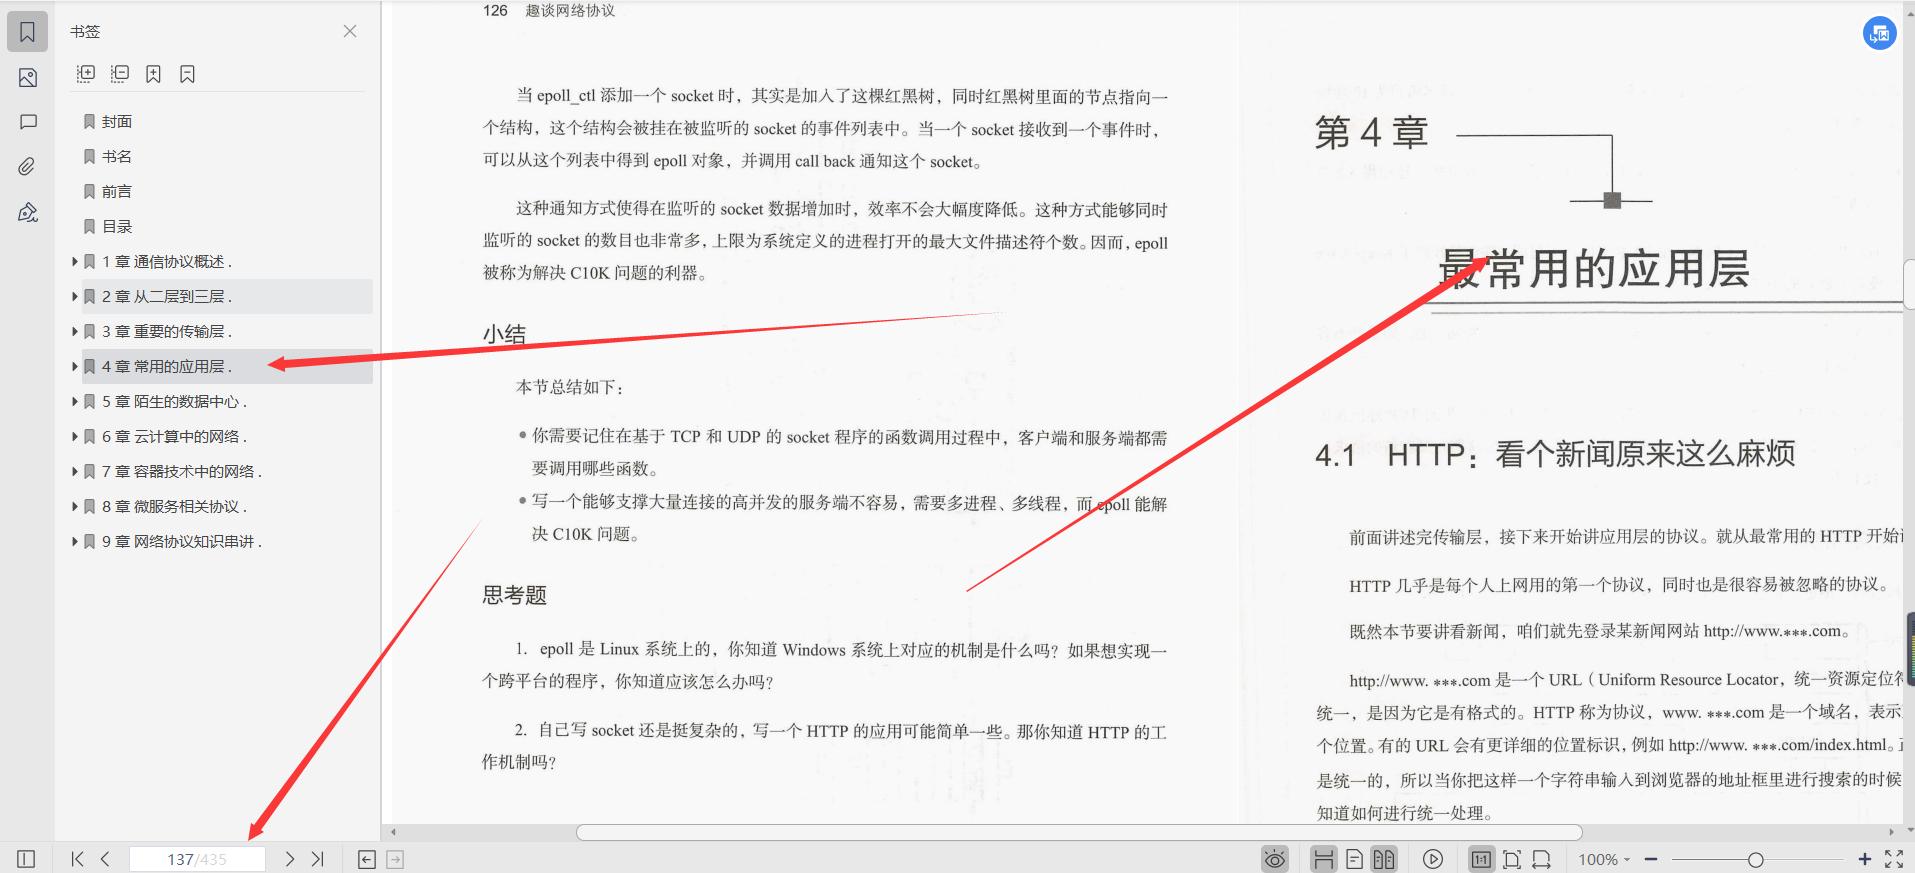 阿里P8级架构师十年心血终成Java核心精讲与网络协议文档;